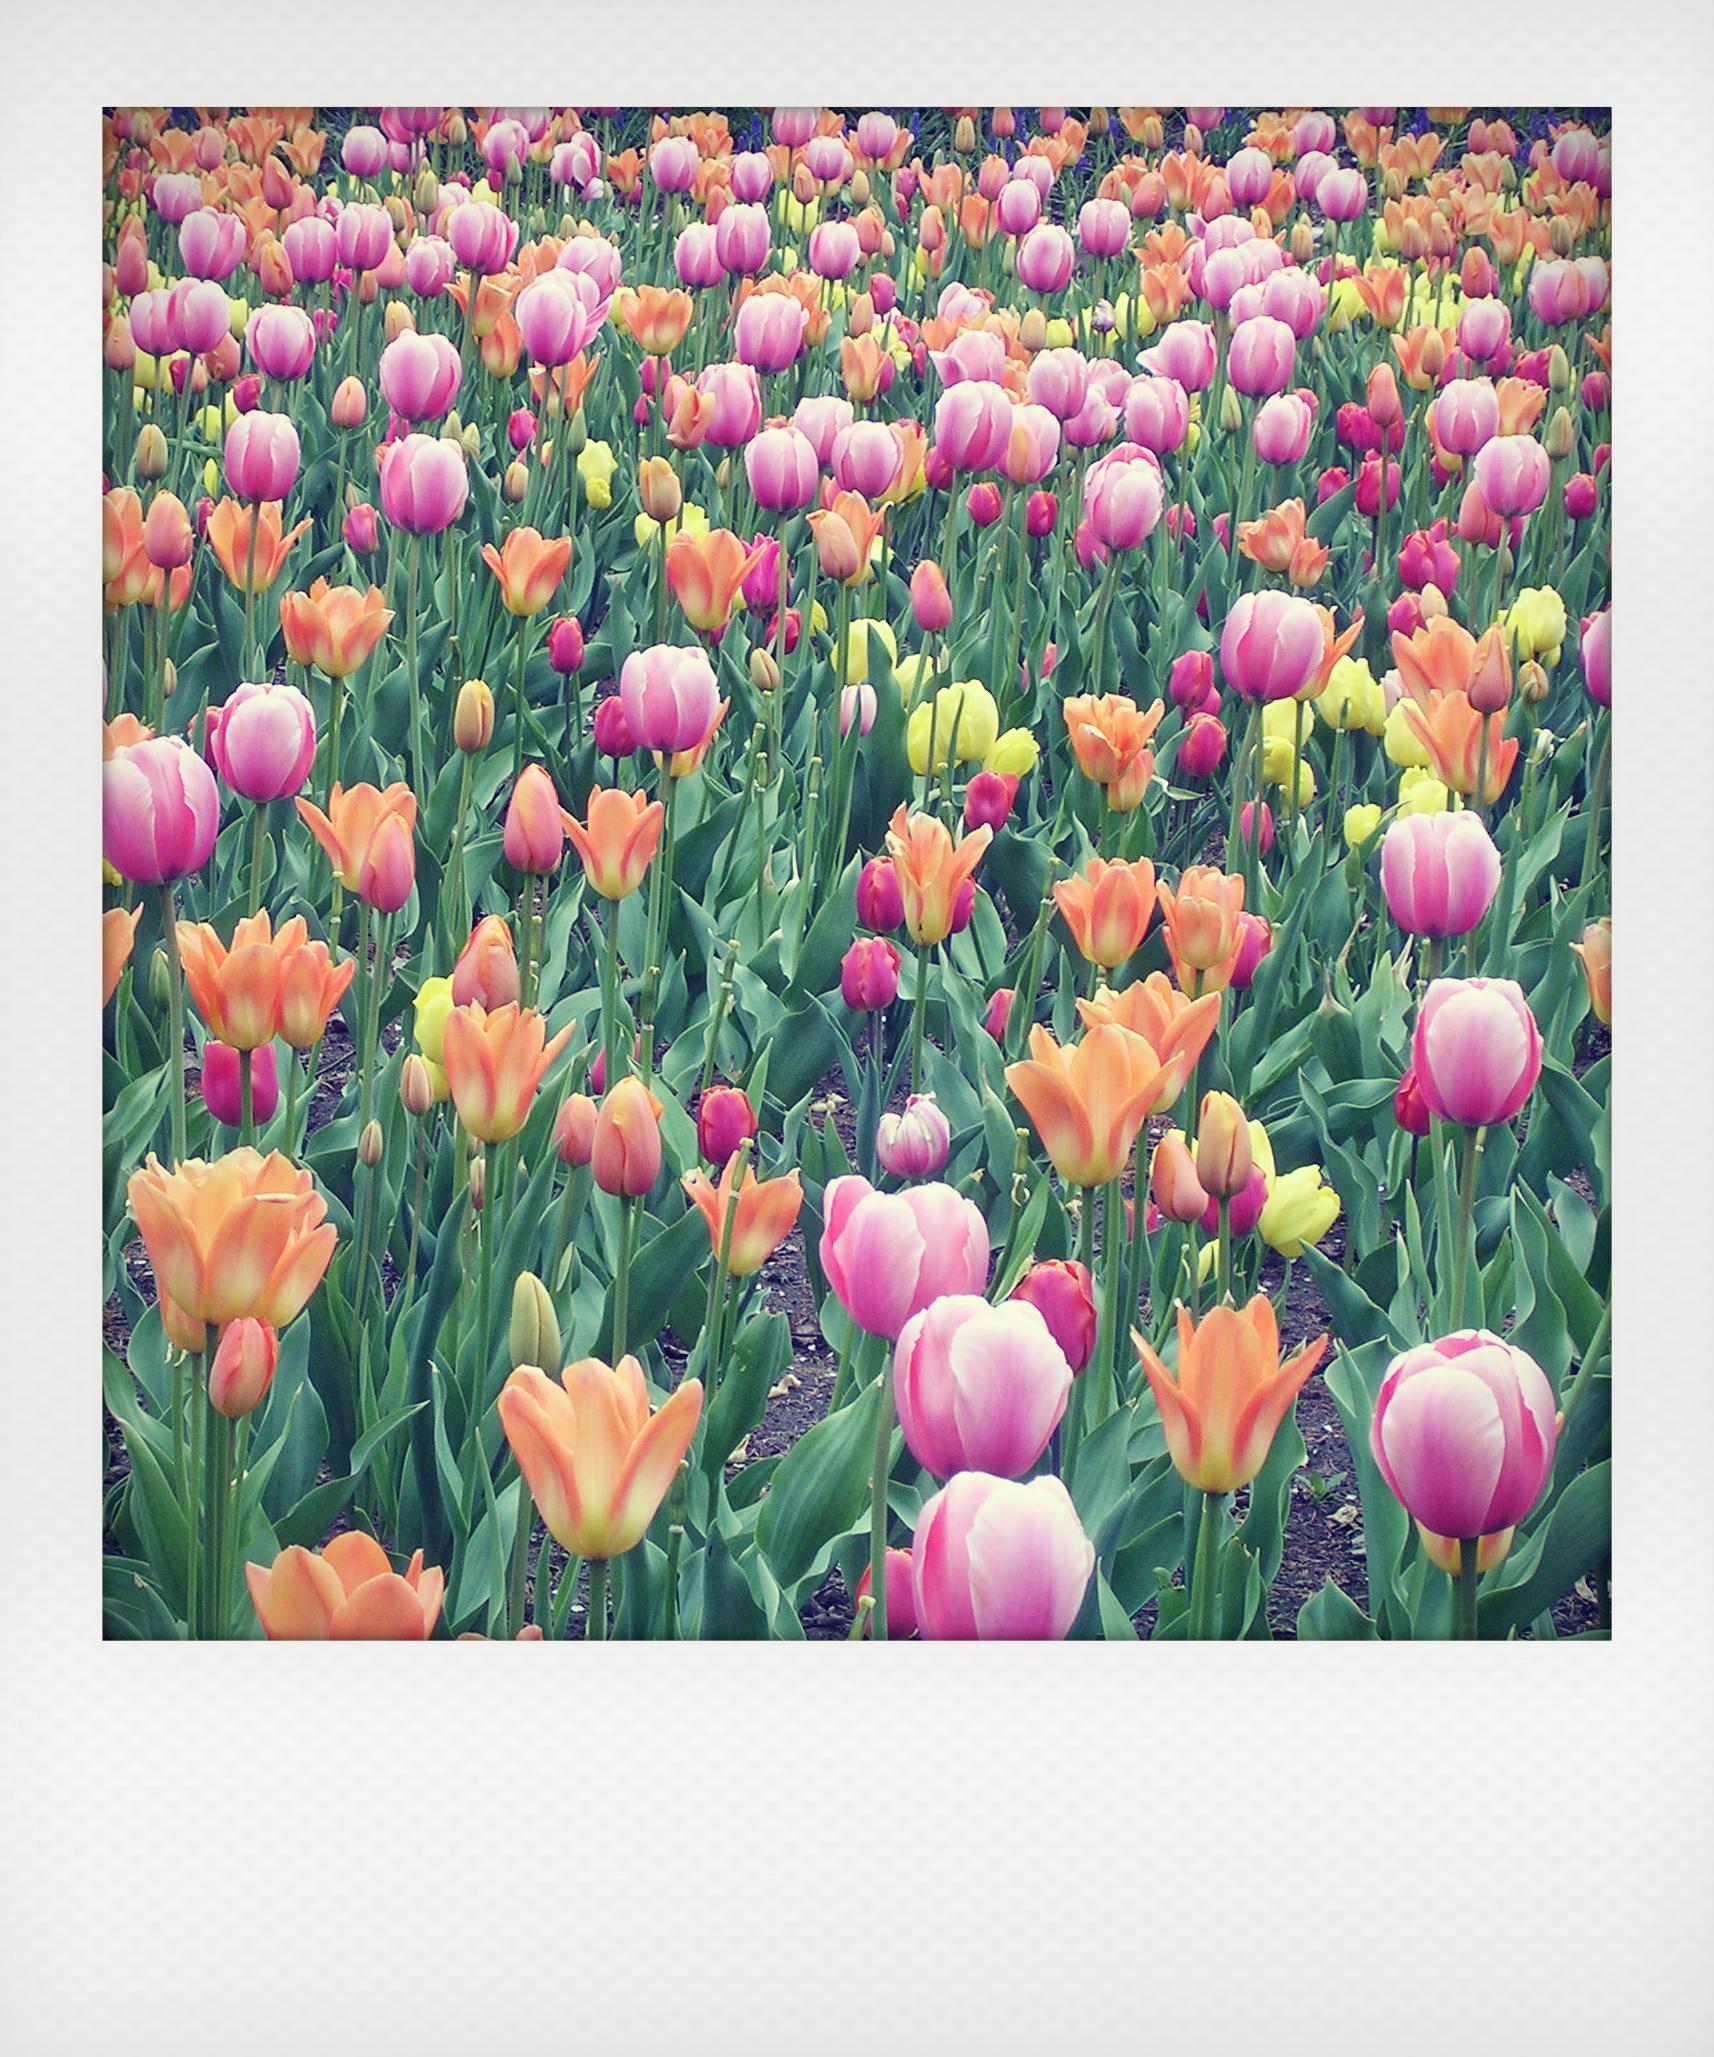 In Olanda ad aprile, quando fioriscono i tulipani